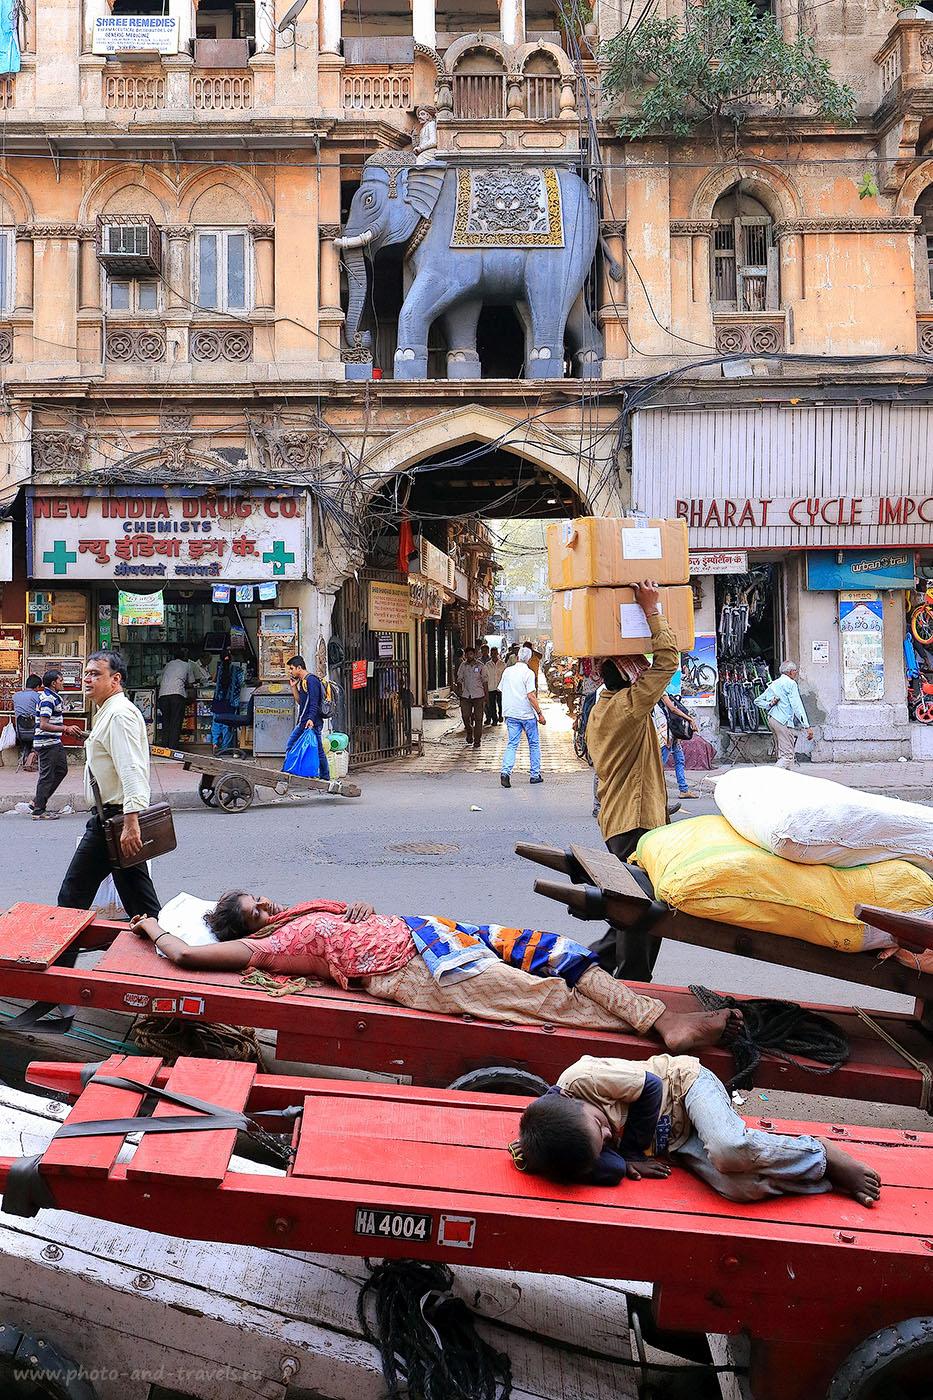 Фотография 5. Тачки со спящими людьми в Мумбаи. Самостоятельный отдых в Индии (24-70, 1/160, -1eV, f8, 24 mm, ISO 640)